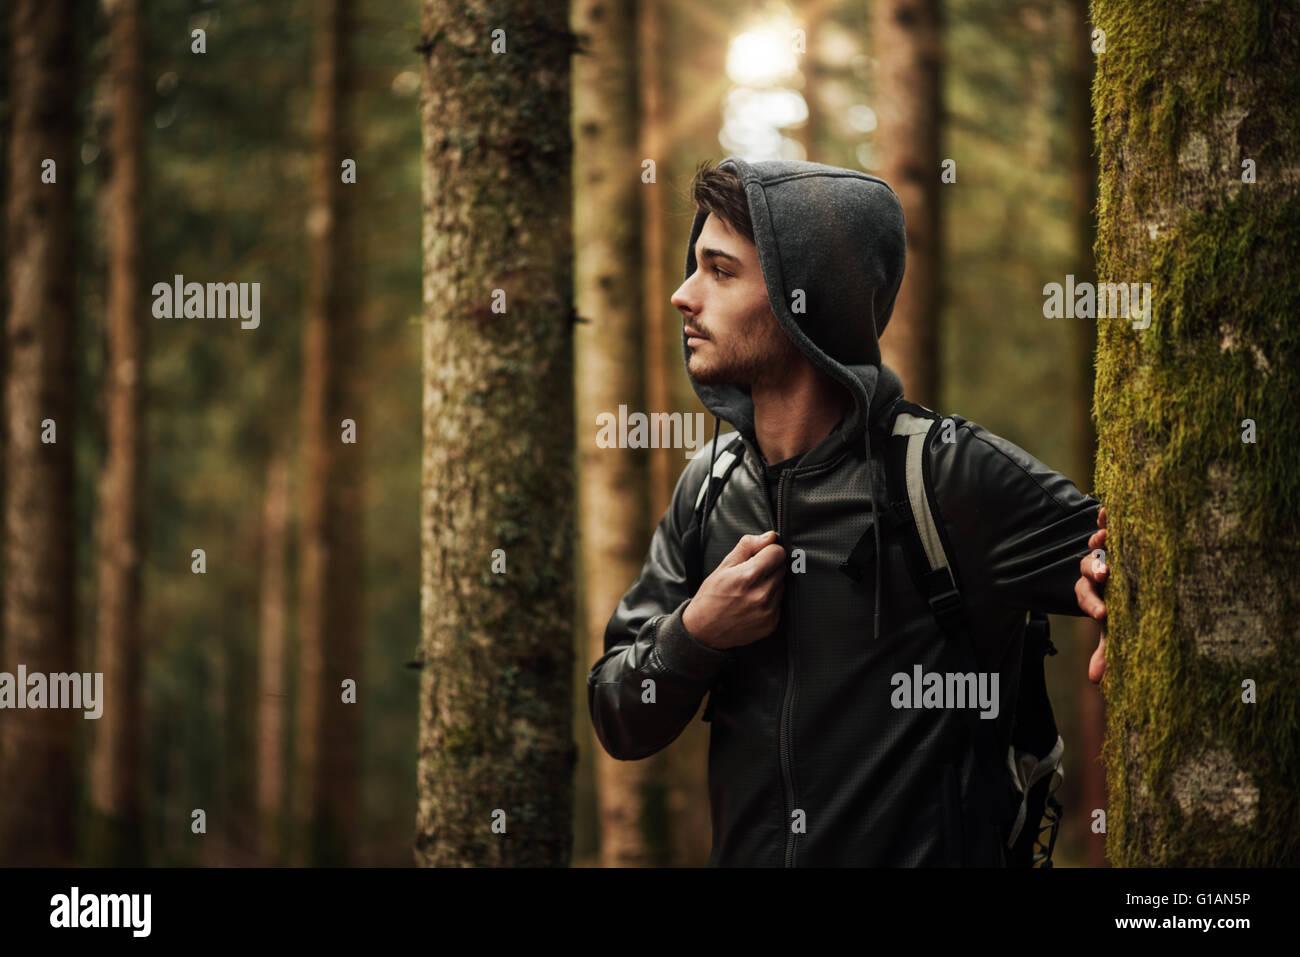 Joven apuesto hombre caminando en el bosque y mirar a su alrededor, la naturaleza y el concepto de exploración Imagen De Stock